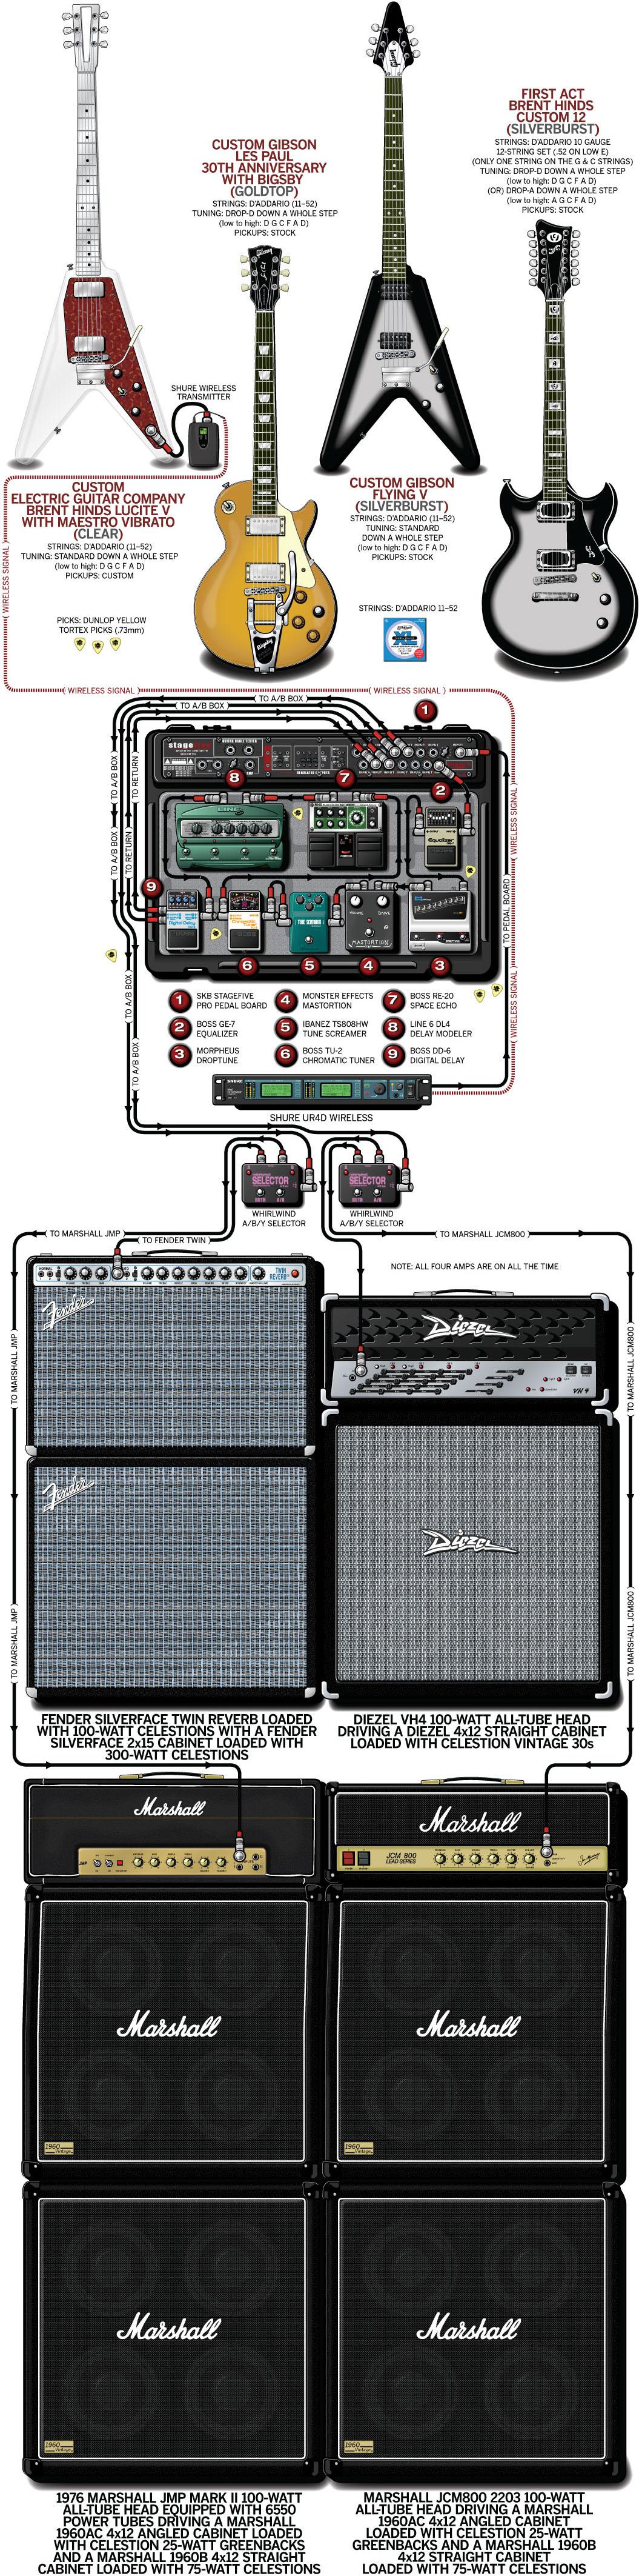 Brent Hinds Guitar Gear & Rig – Mastodon – 2011